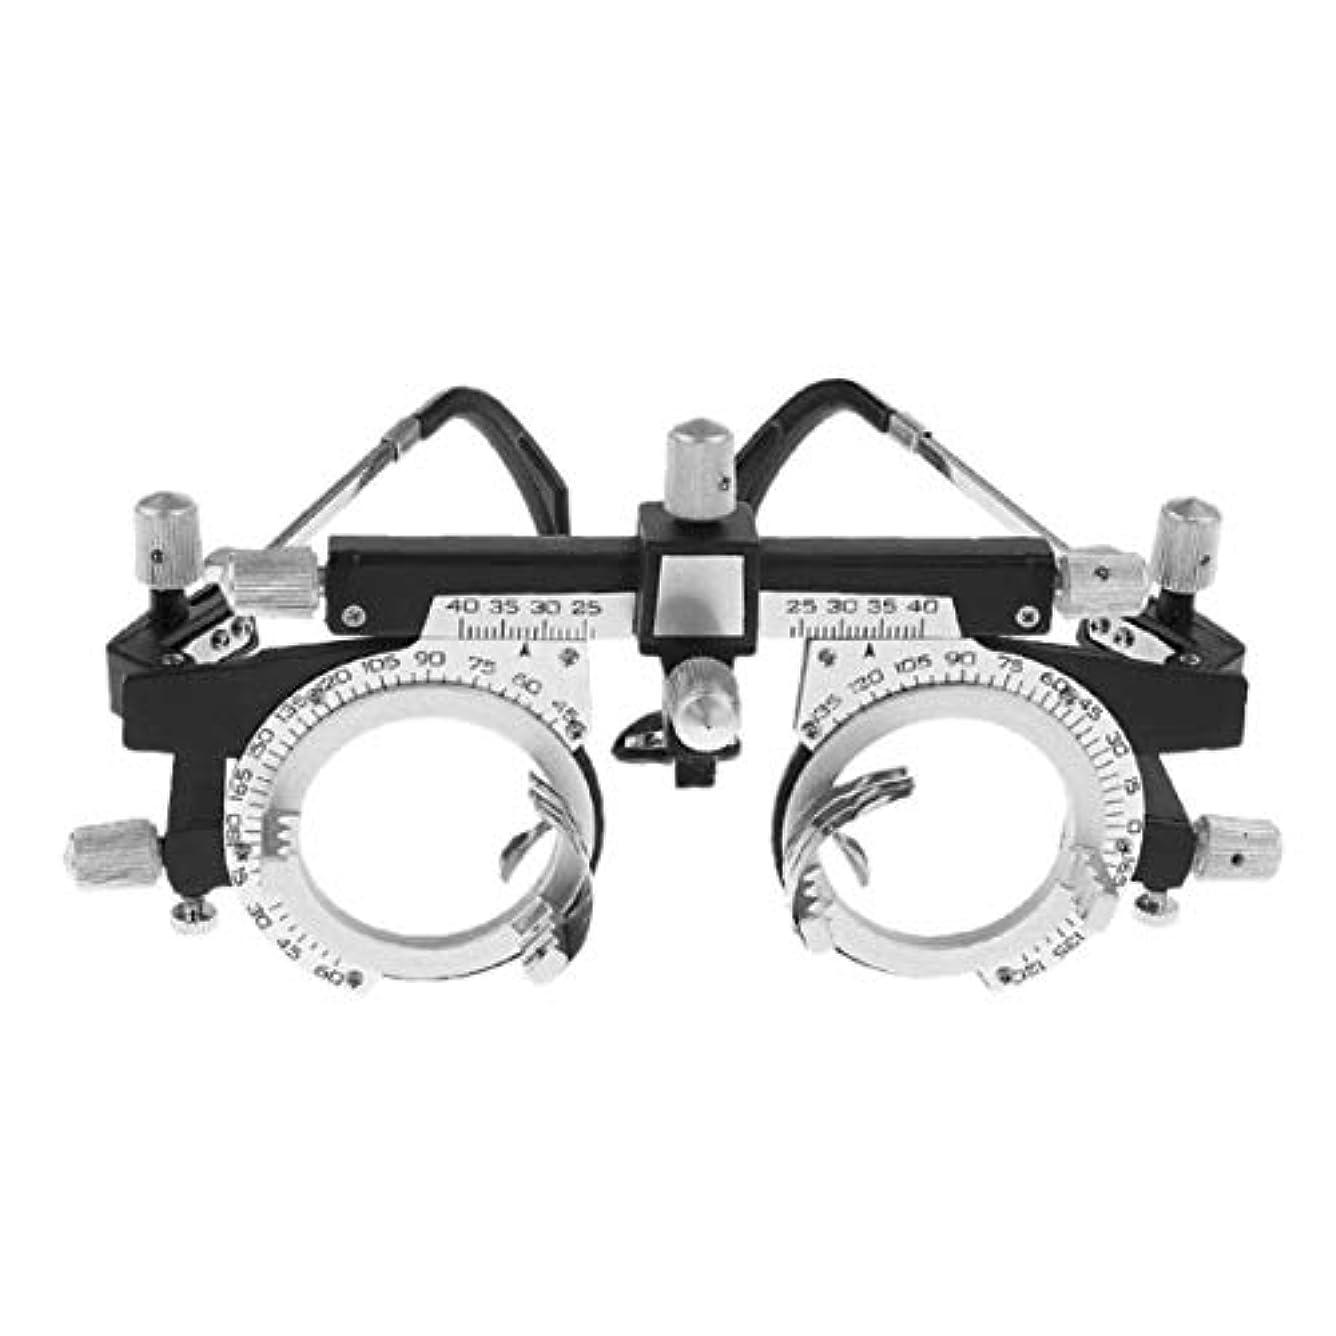 ヒューム等しい収容する調節可能なプロフェッショナルアイウェア検眼メタルフレーム光学オプティクストライアルレンズメタルフレームPDメガネアクセサリー - シルバー&ブラック